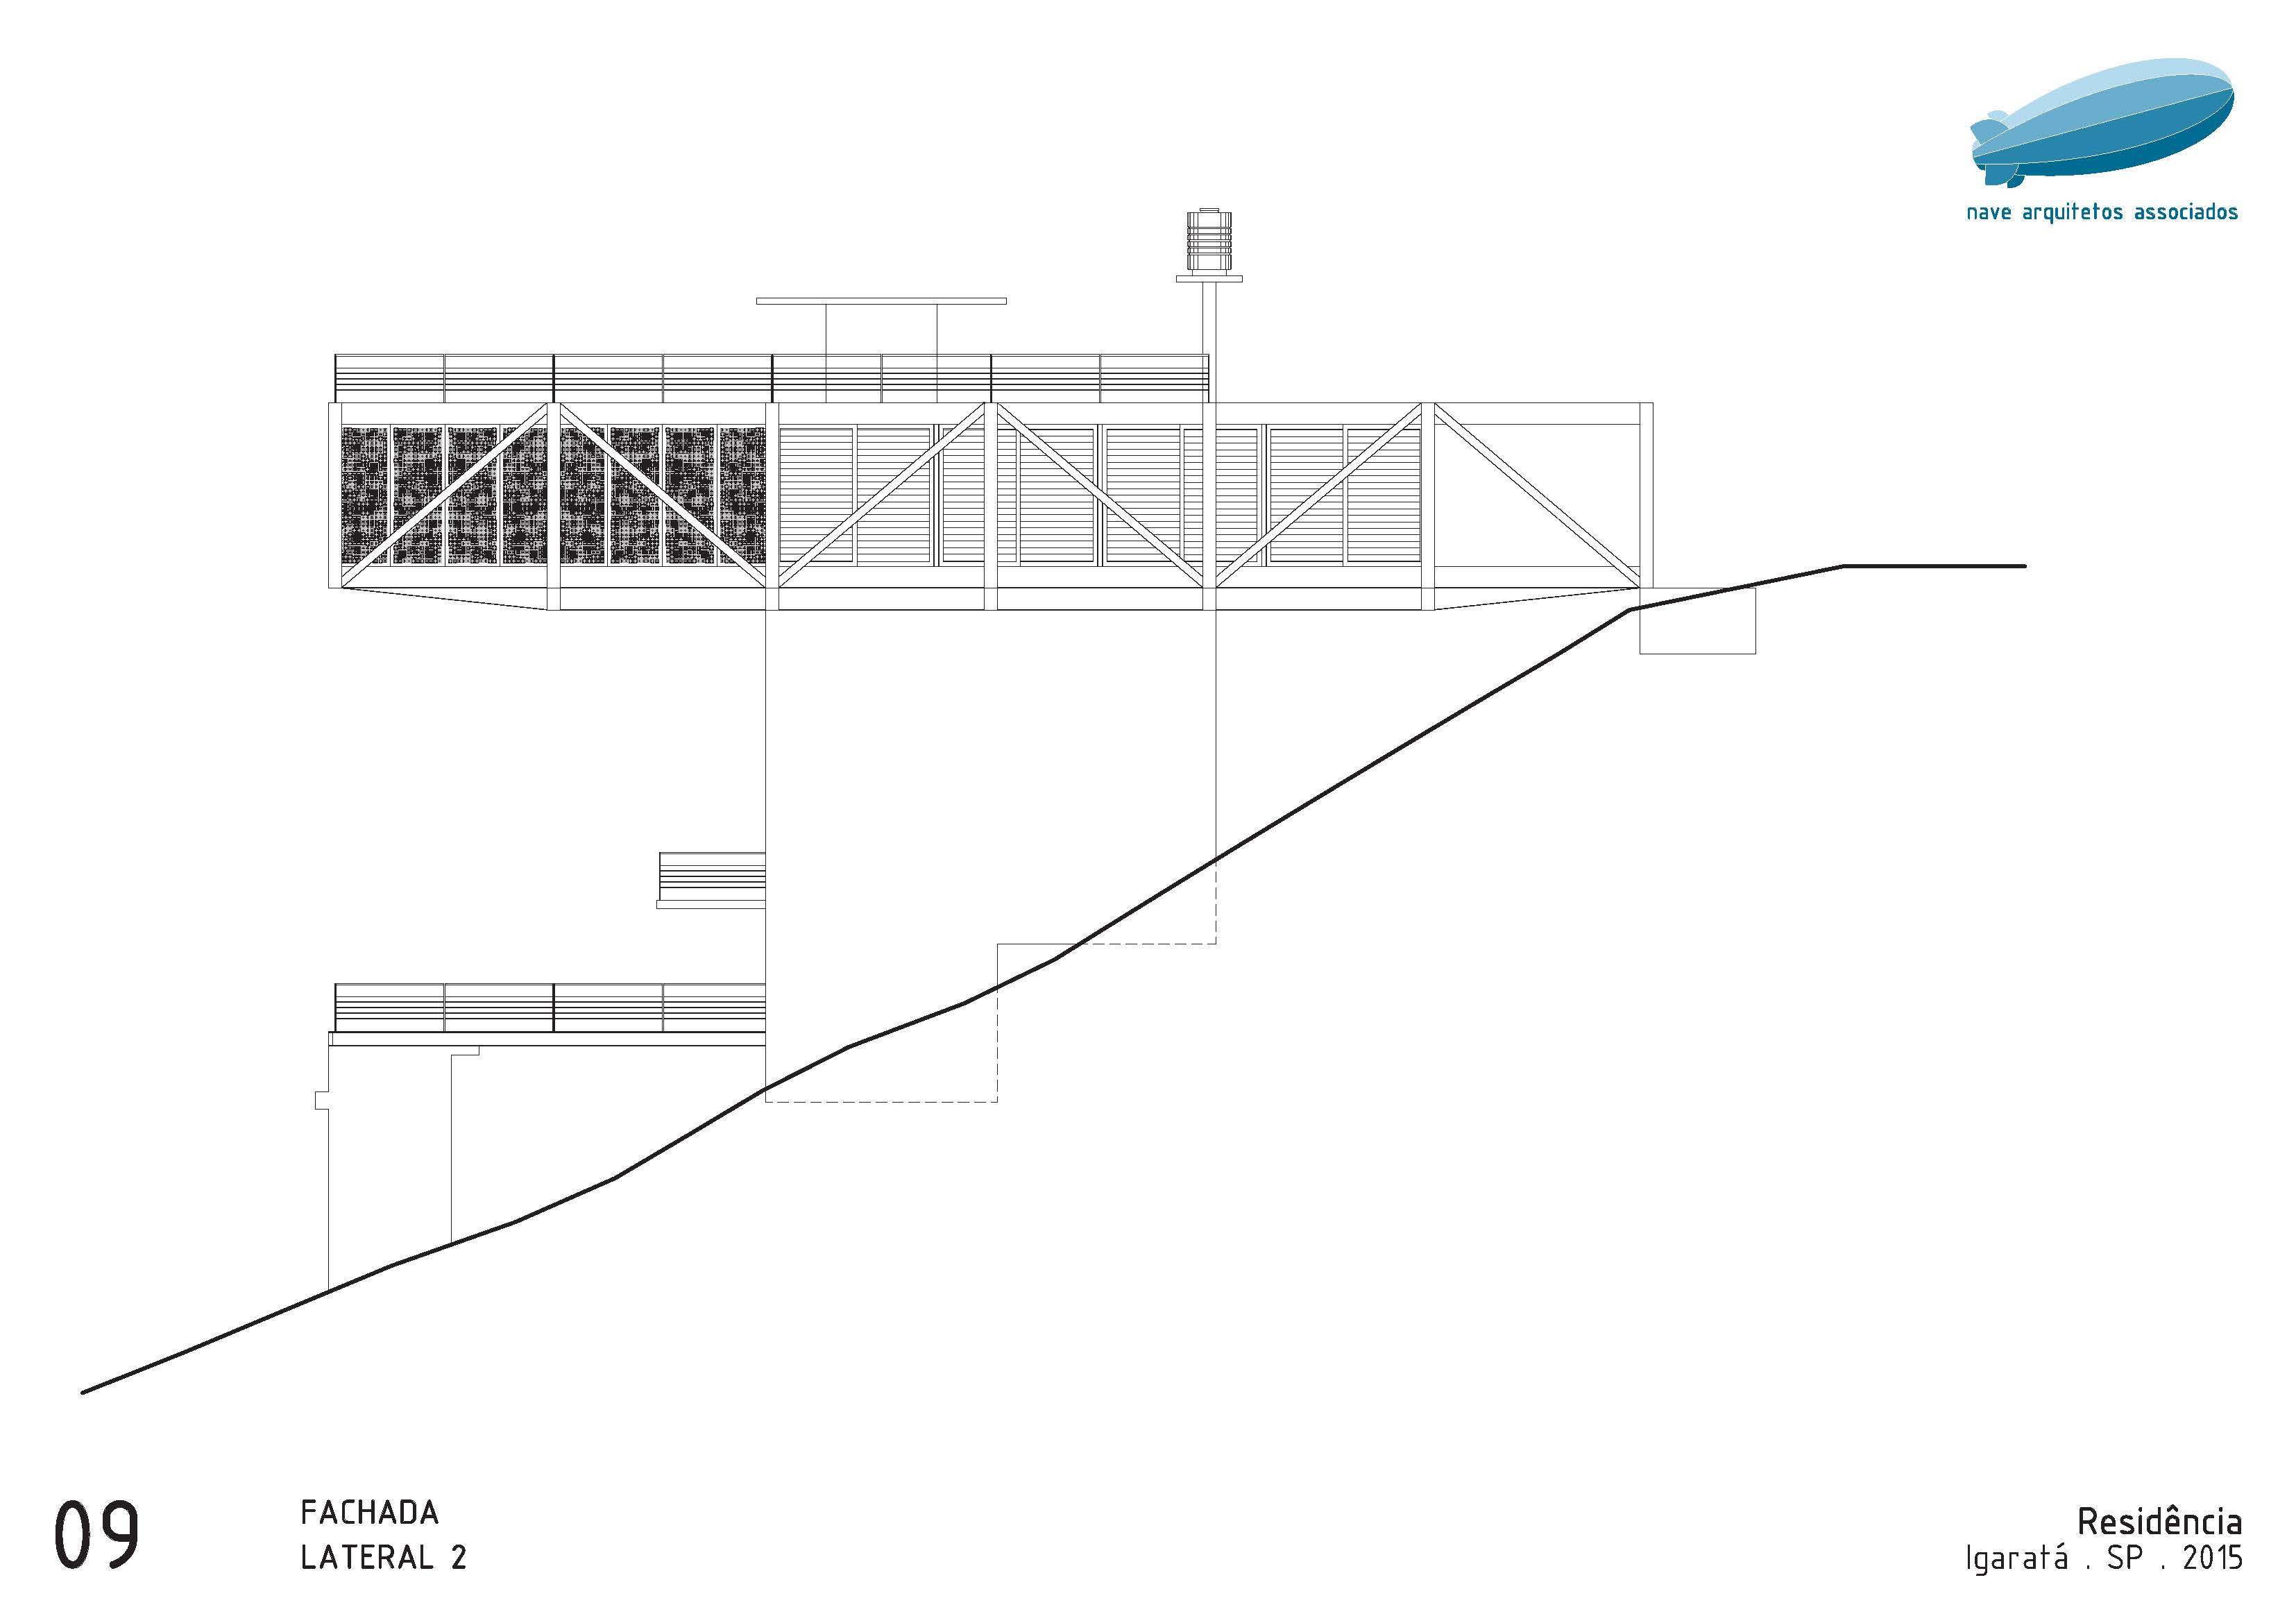 fachada lateral 2